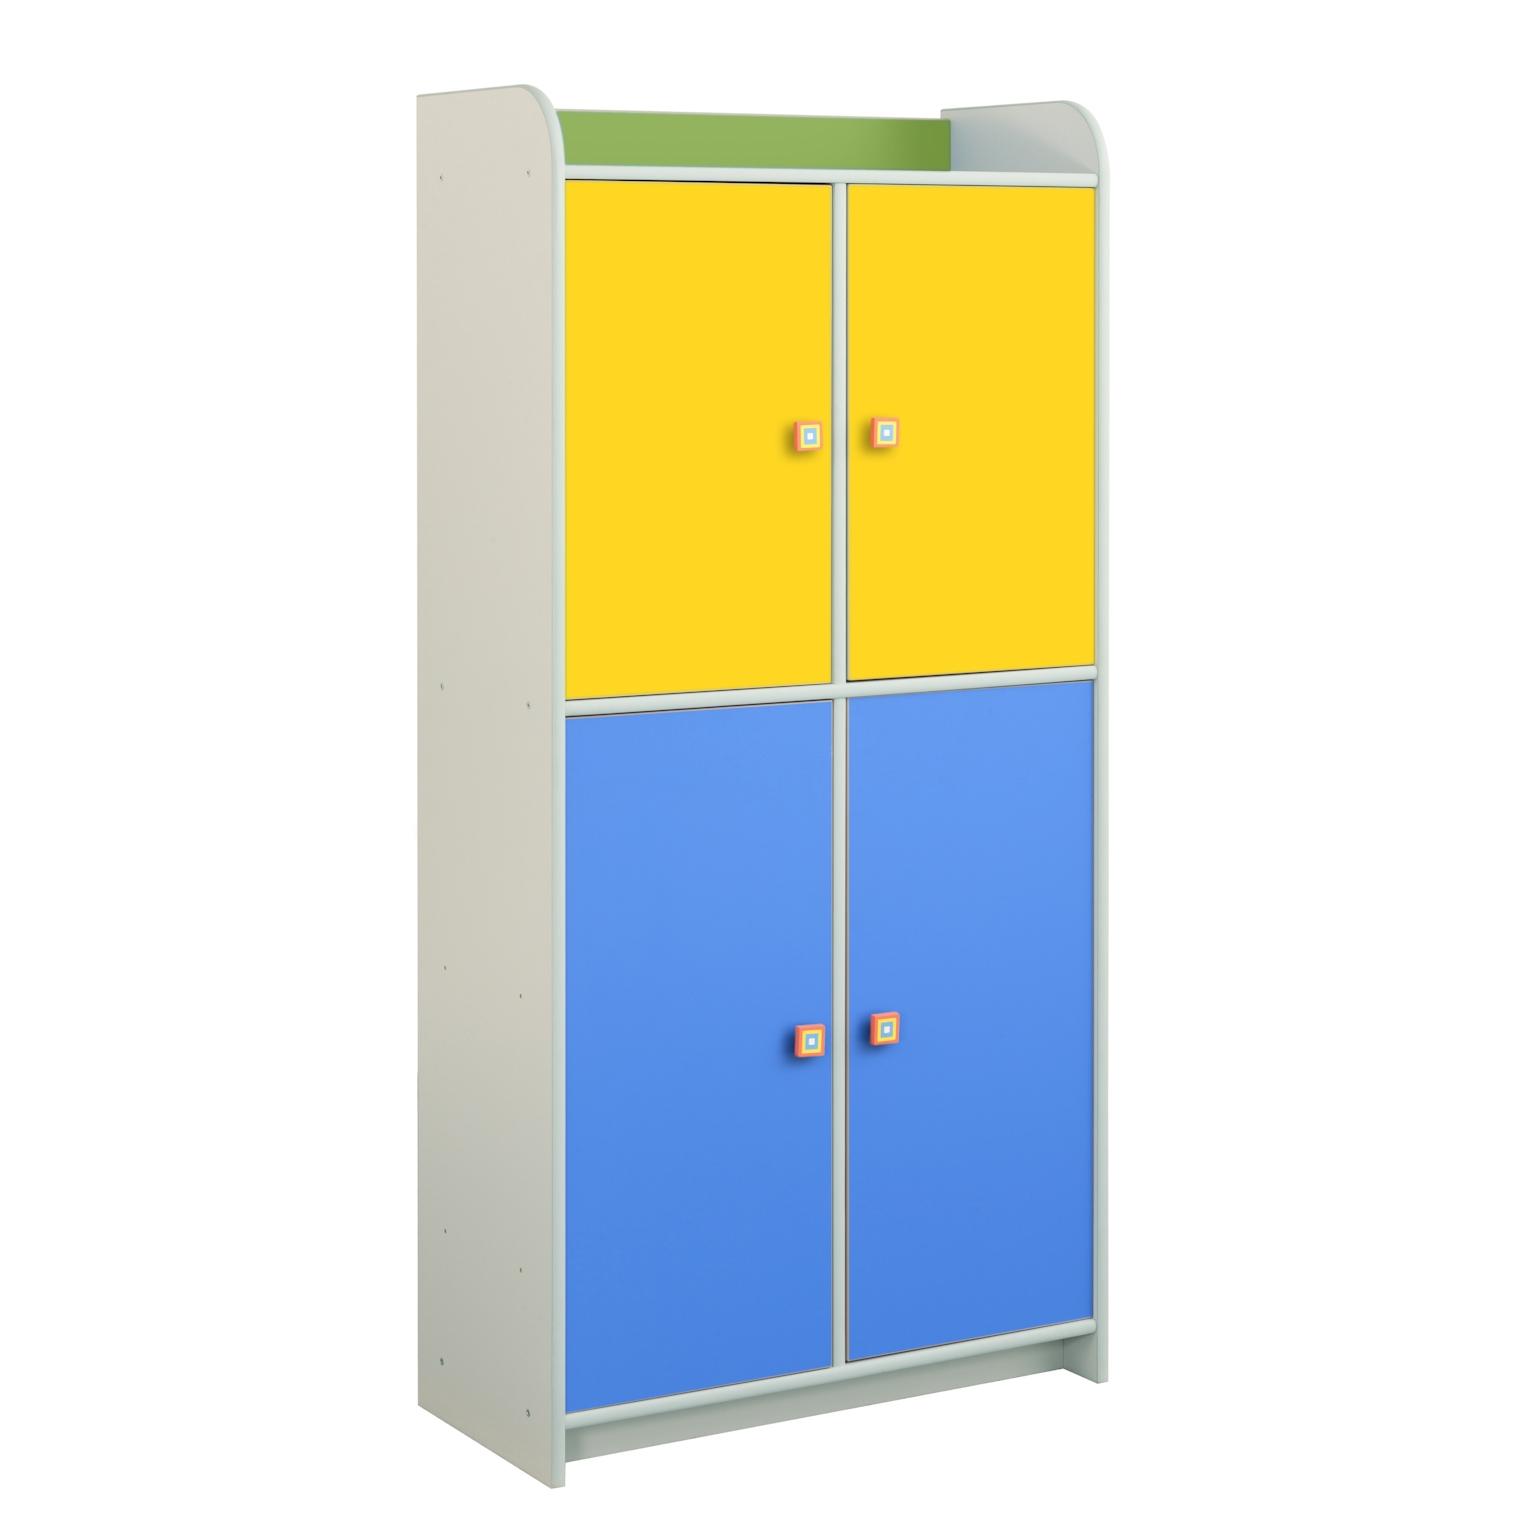 Regał Dioralino z 4 drzwiczkami R5S23 C2 - żółto-niebiesko-zielony